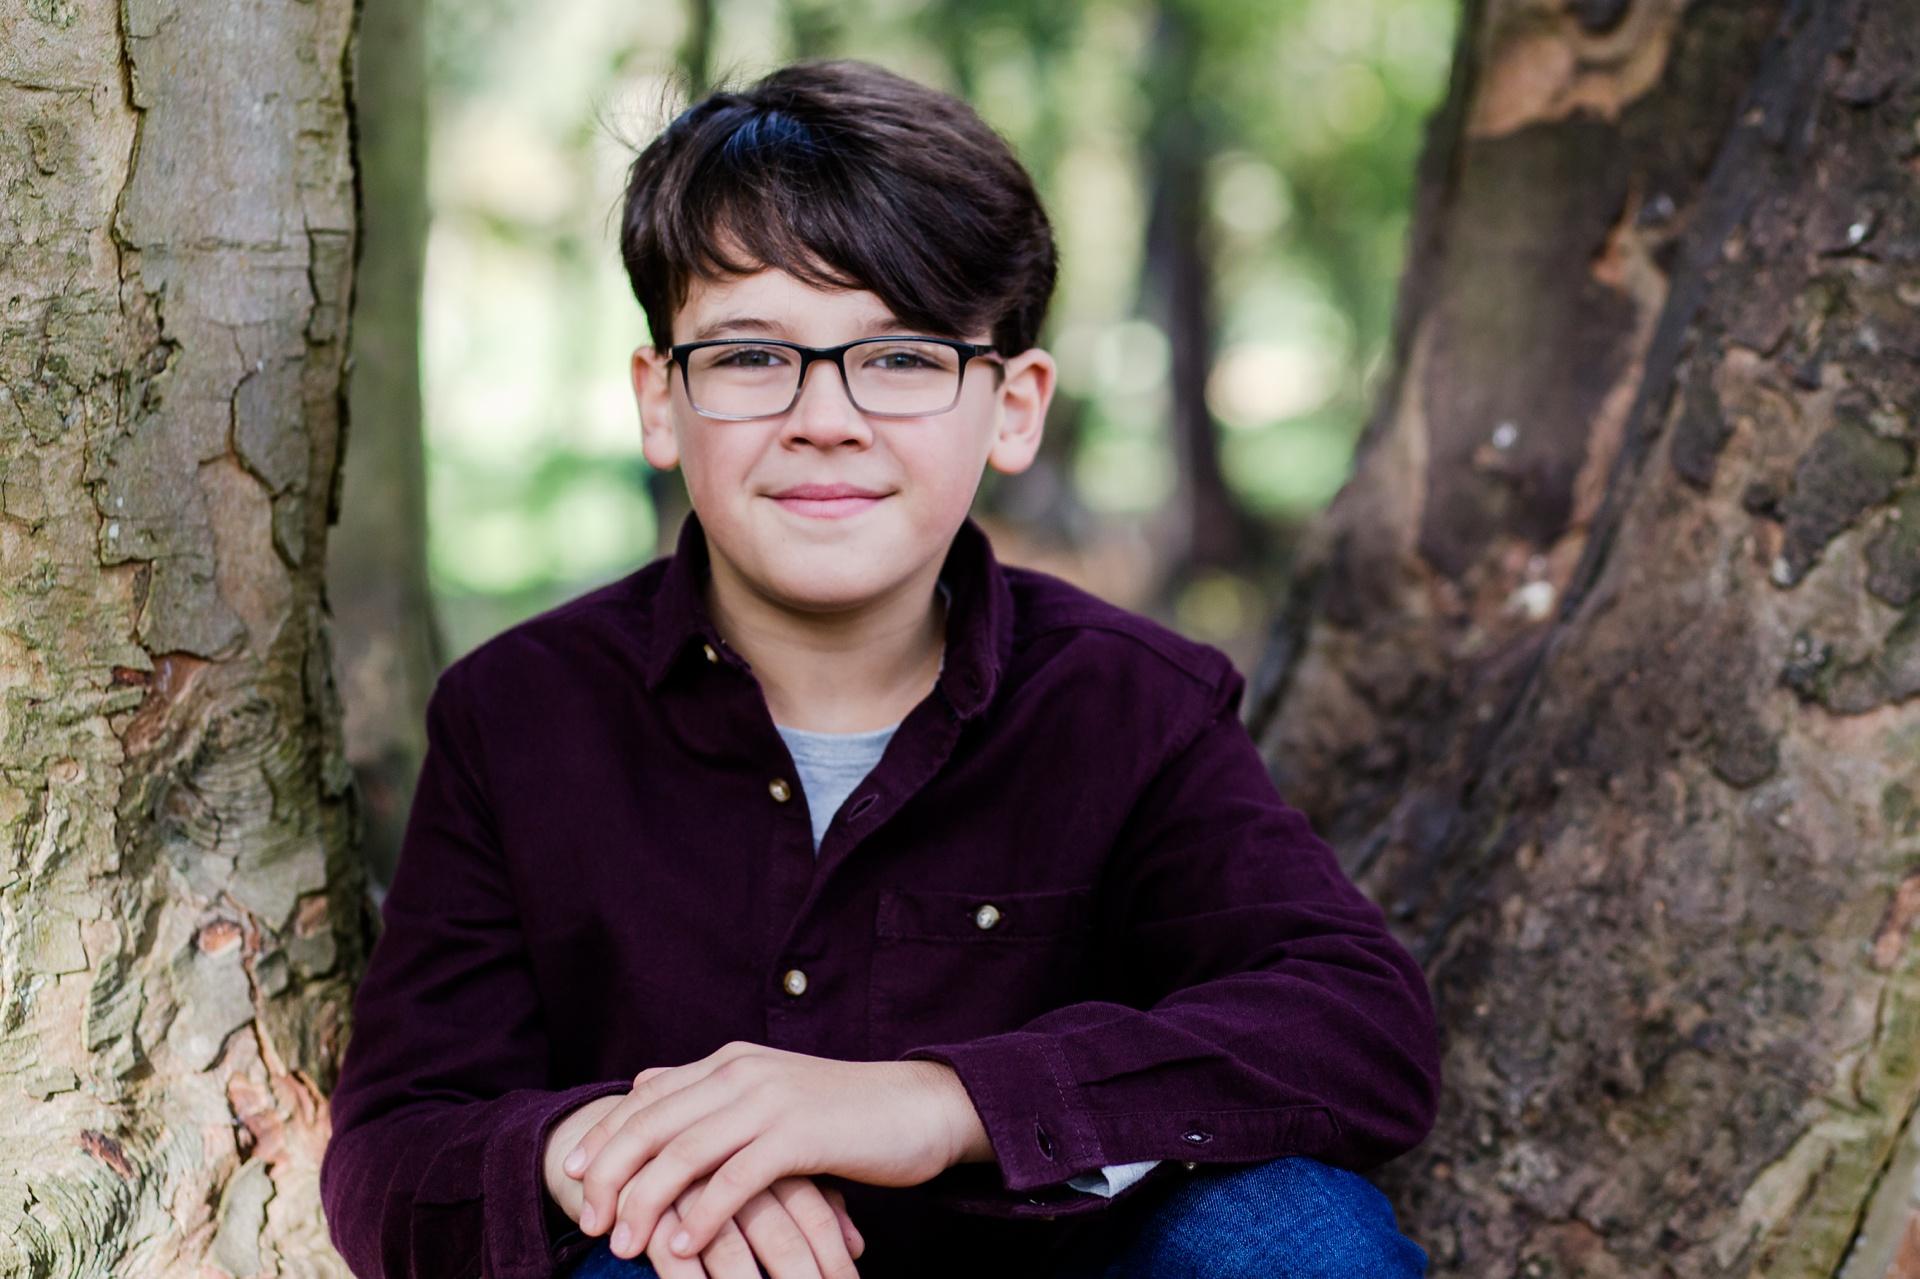 Boy portrait in Motspur Park